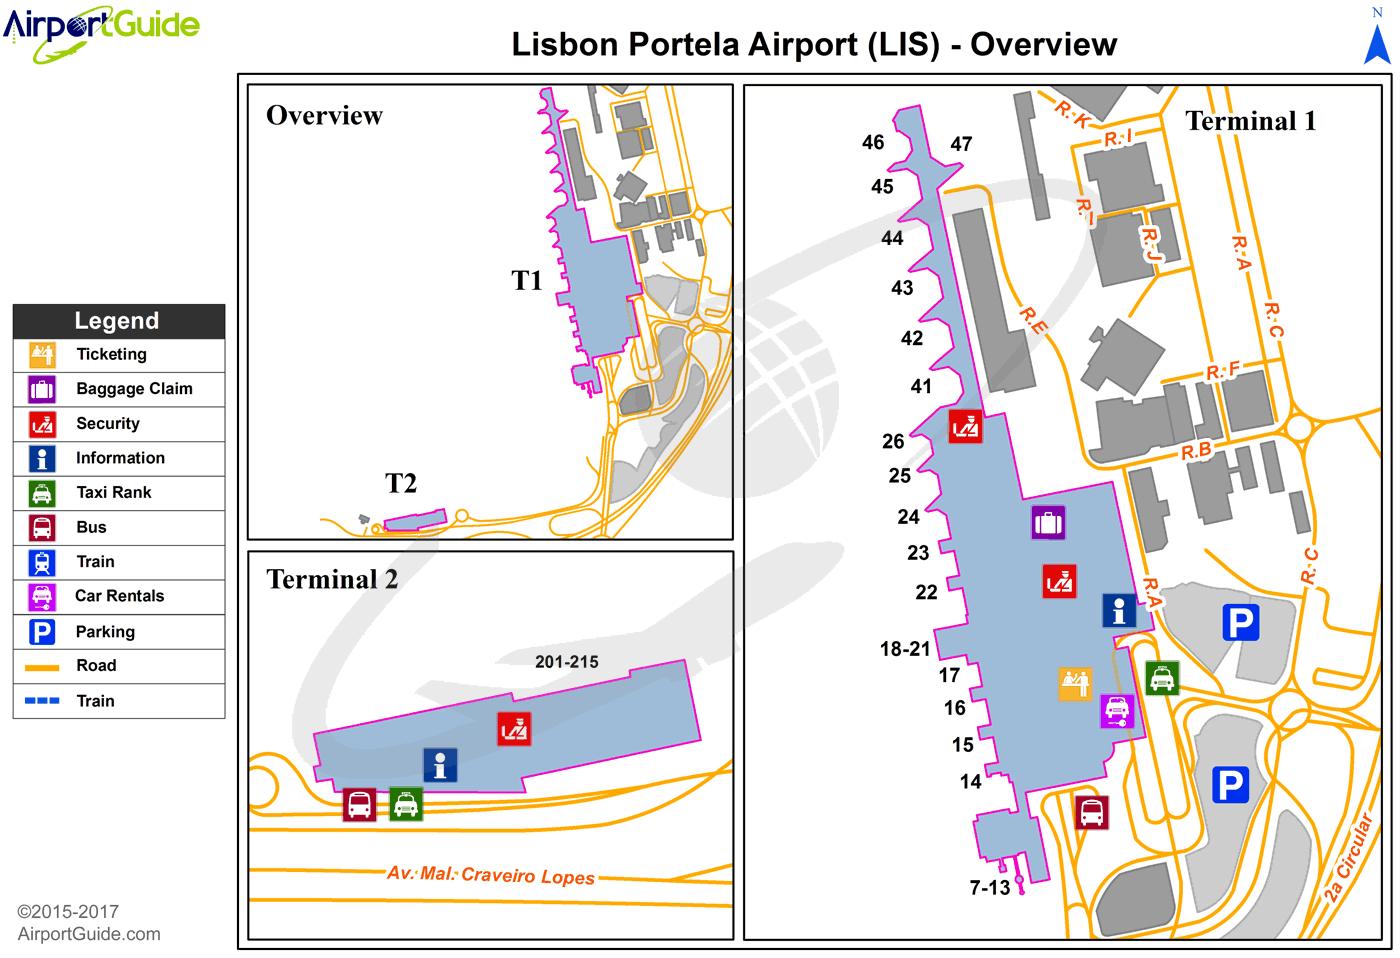 Аэропорт Лиссабона (LIS): терминалы, транзит, стыковки